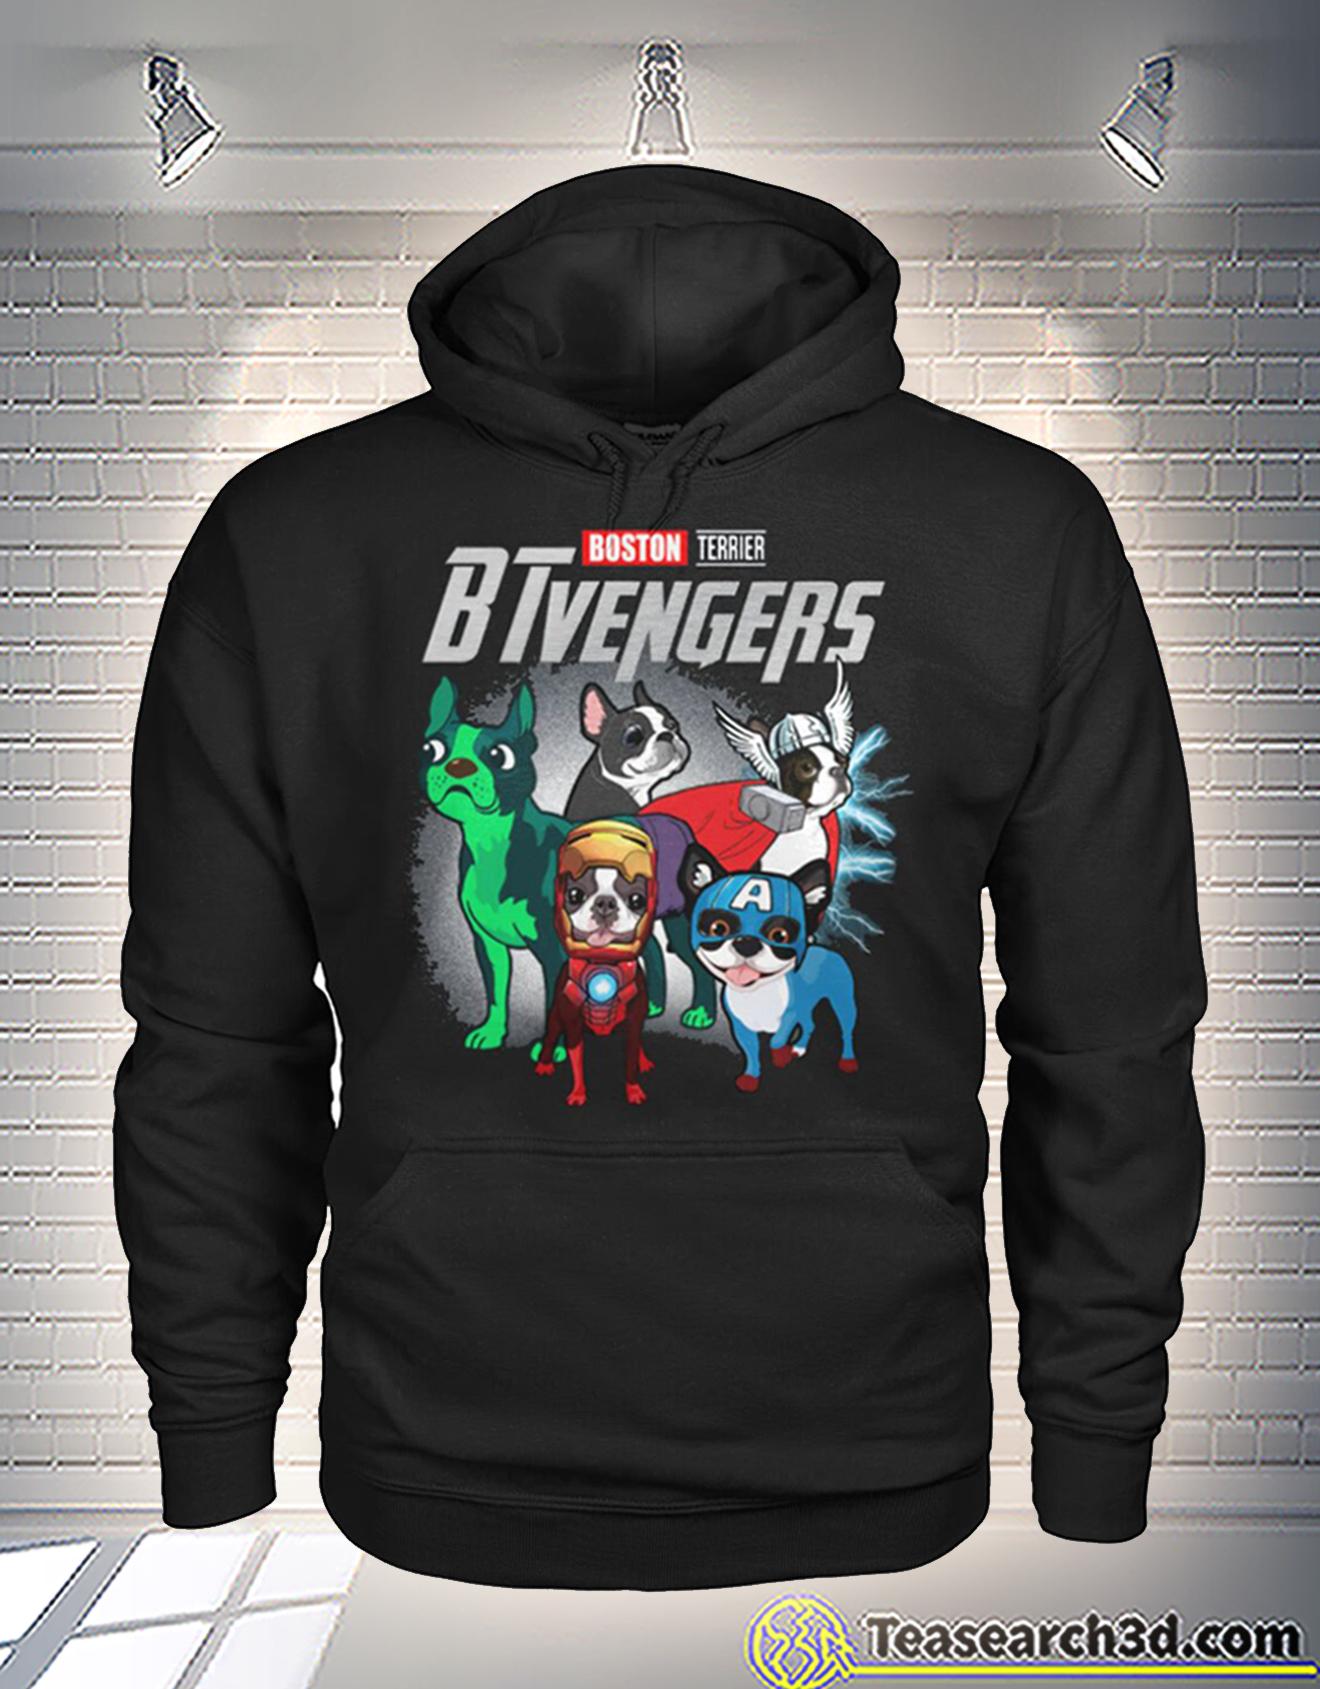 Boston Terrier btvengers avengers hoodie